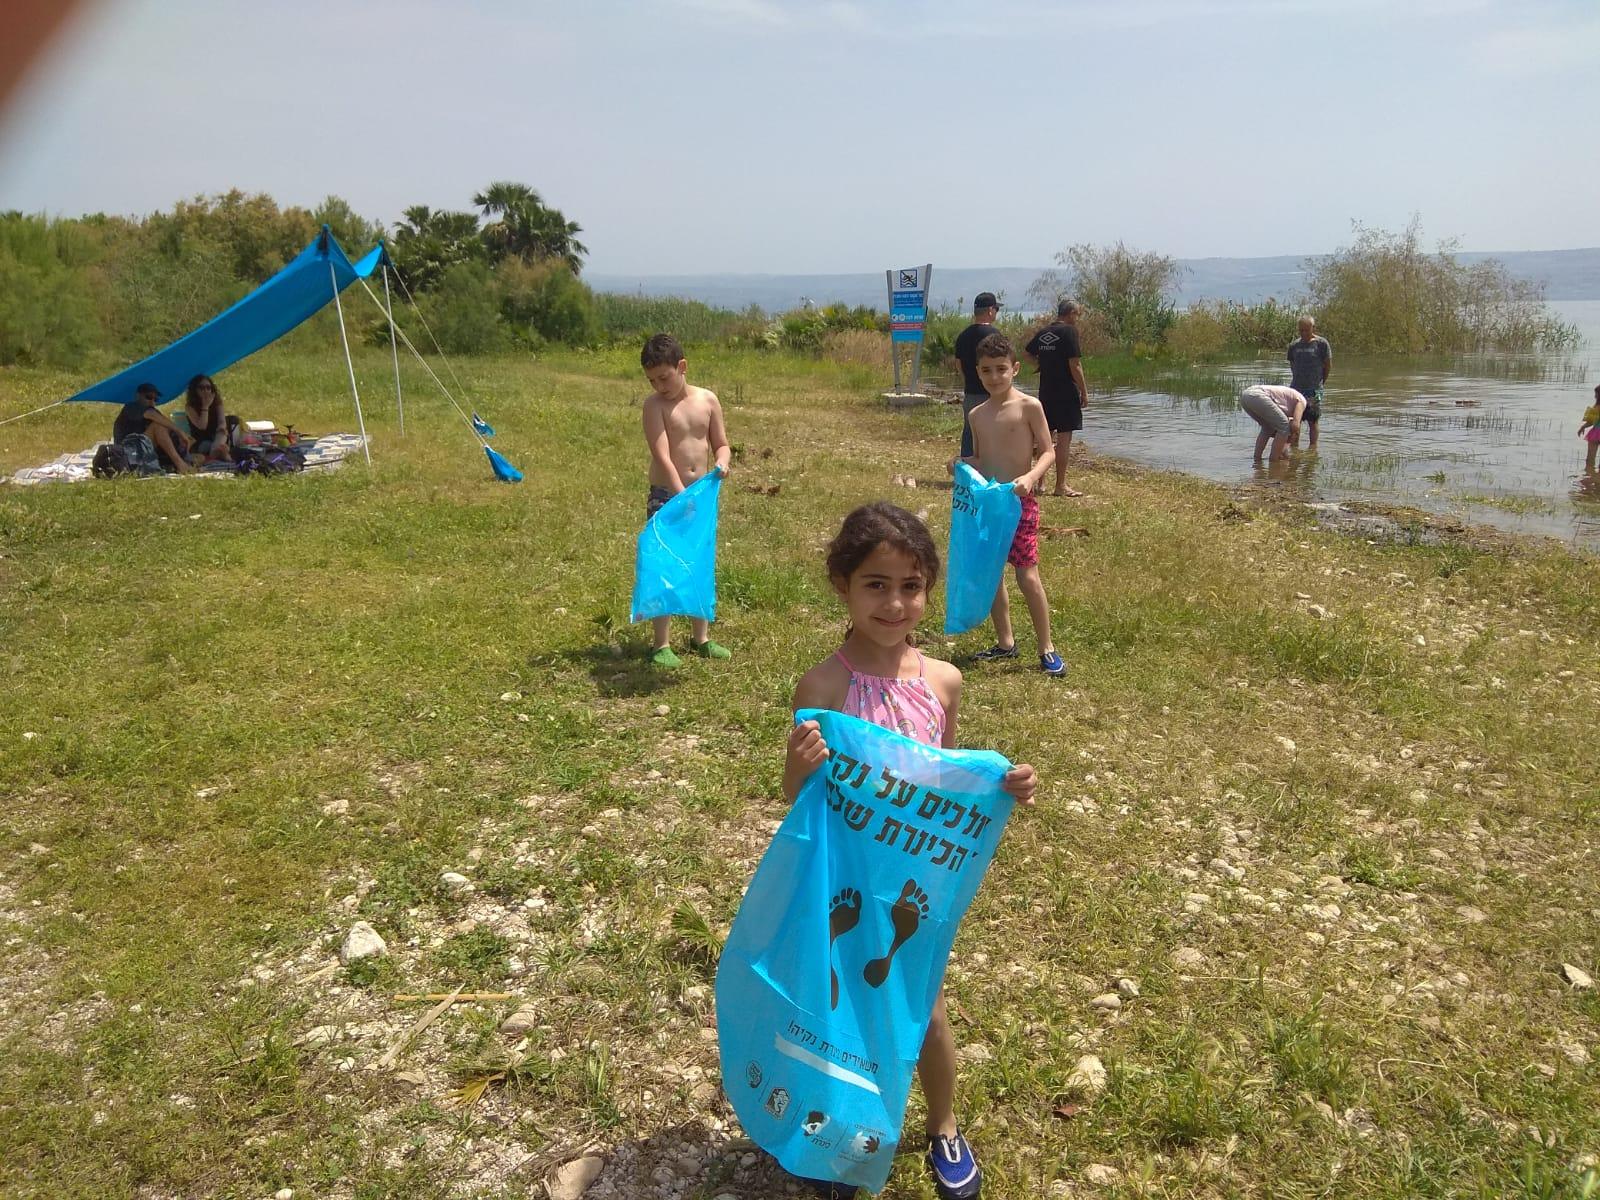 ברשות הכינרת ניצלו את החג לחינוך הילדים לשמירה על חופים נקיים